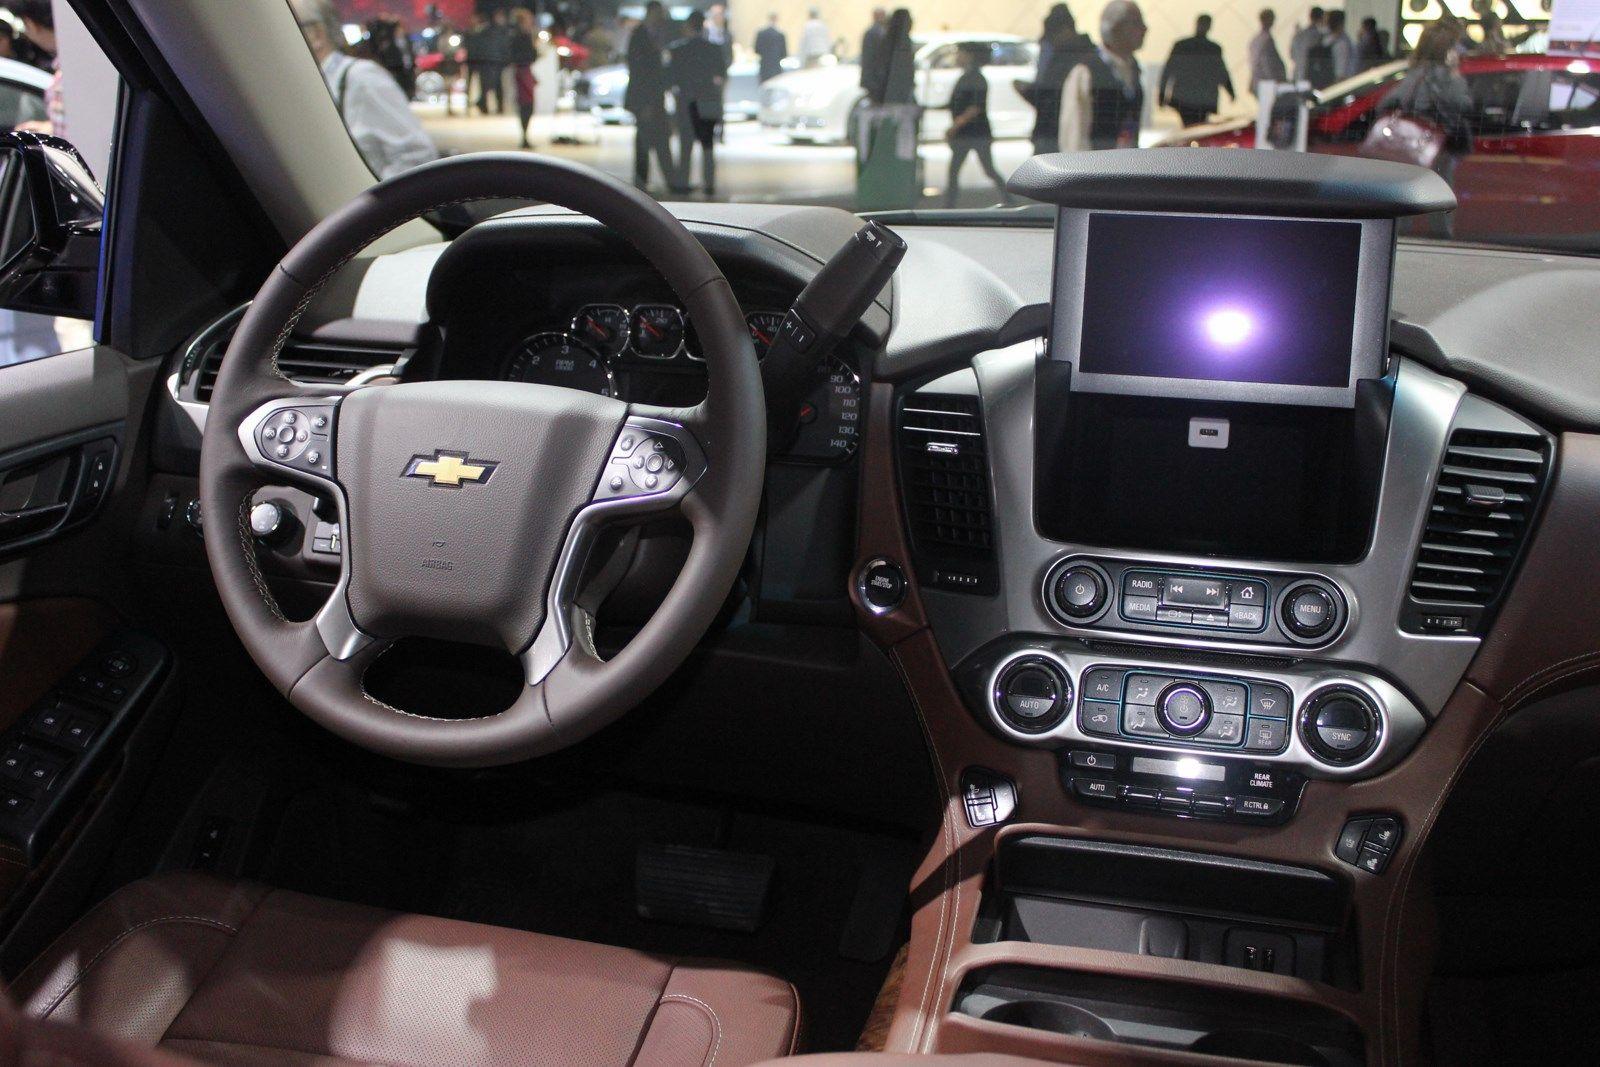 2016 Chevrolet Suburban Inside | Chevrolet suburban, Chevrolet and ...